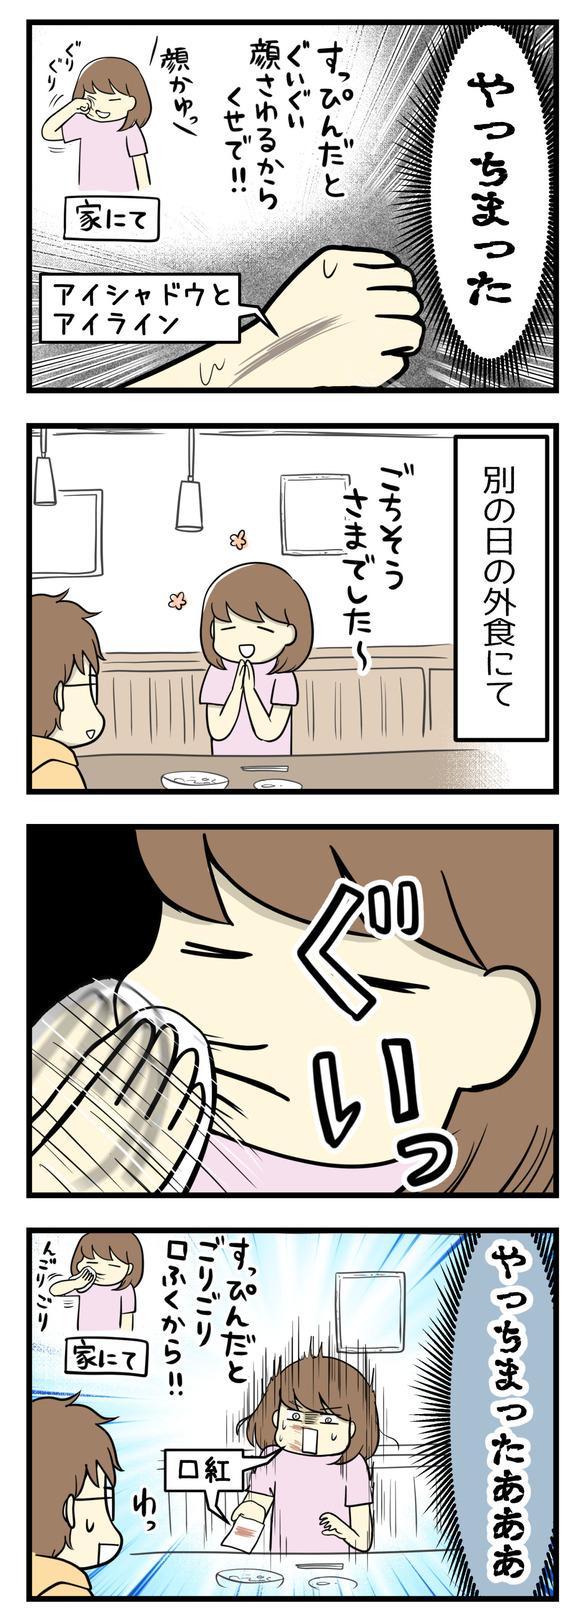 別の日の外食のとき、食事が終わった後つい口を思いっきりぬぐってしまい口紅がべーっと!!すっぴんのときの癖が抜けない!